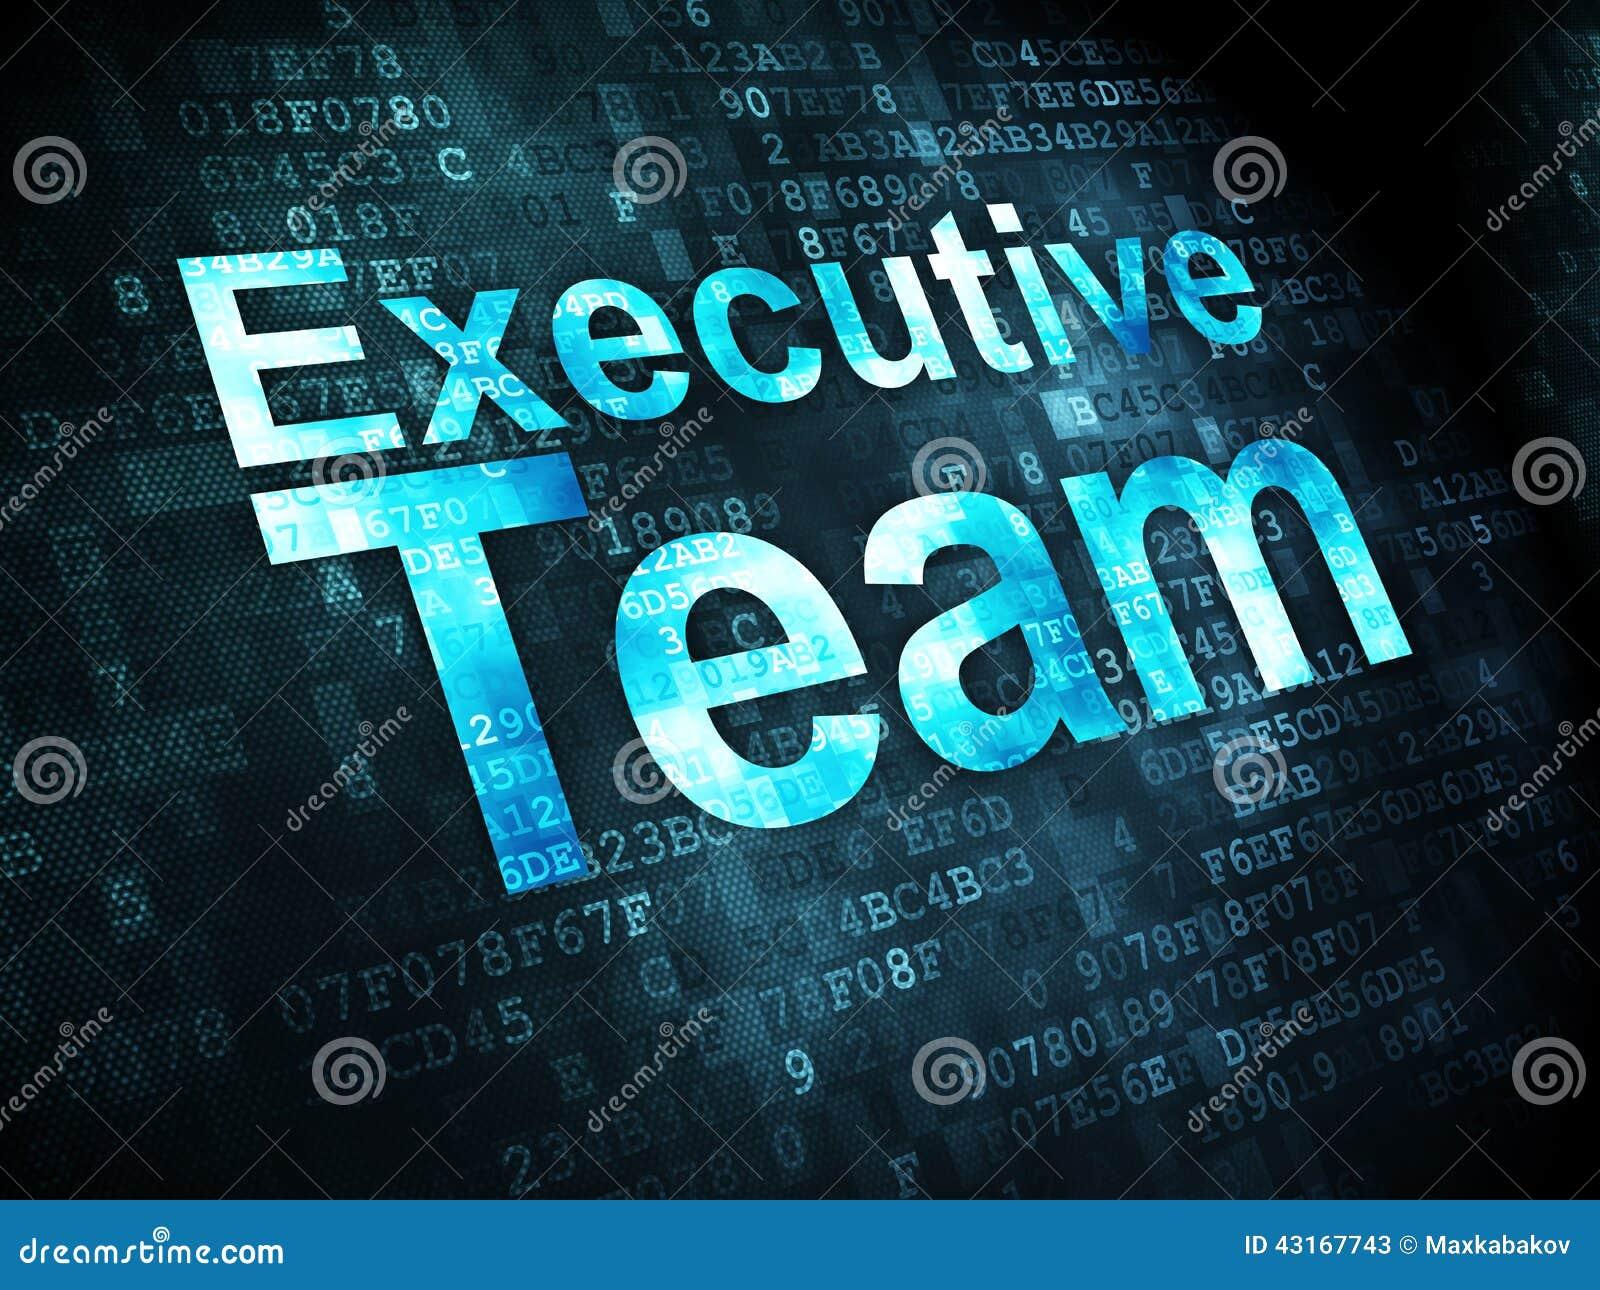 mr prabhakar executive time management Prabhakar – non-executive independent director 3 sampat kumar gilada – whole time director mr kv prabhakar – non-executive independent director 2.